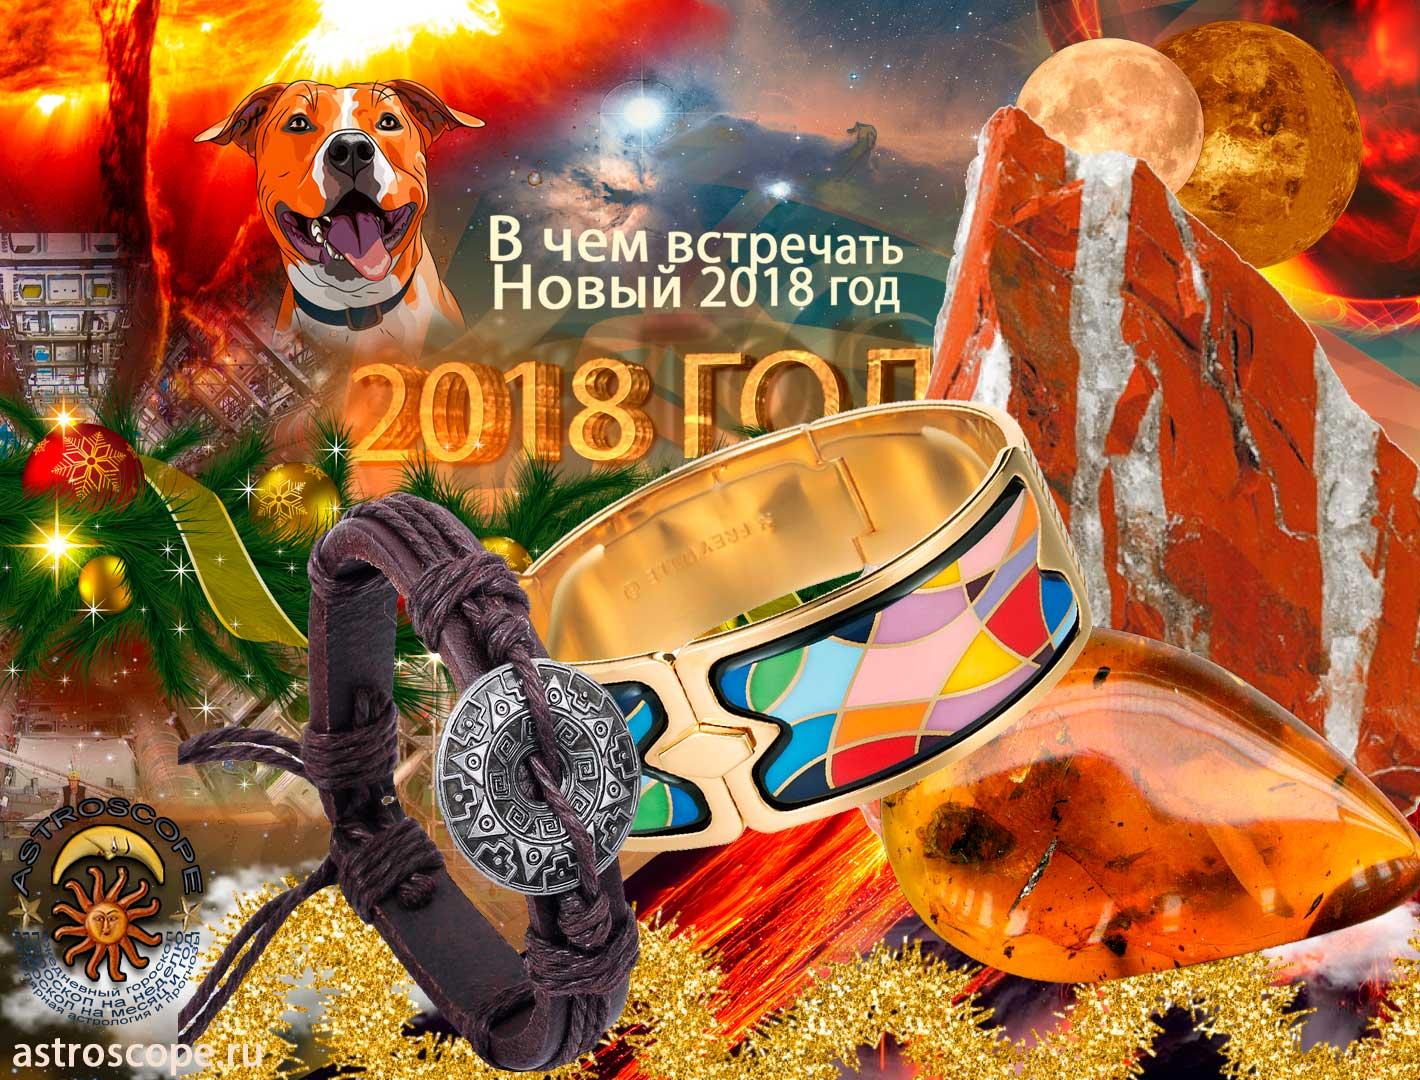 Новый год 2018: в чём встречать год Собаки